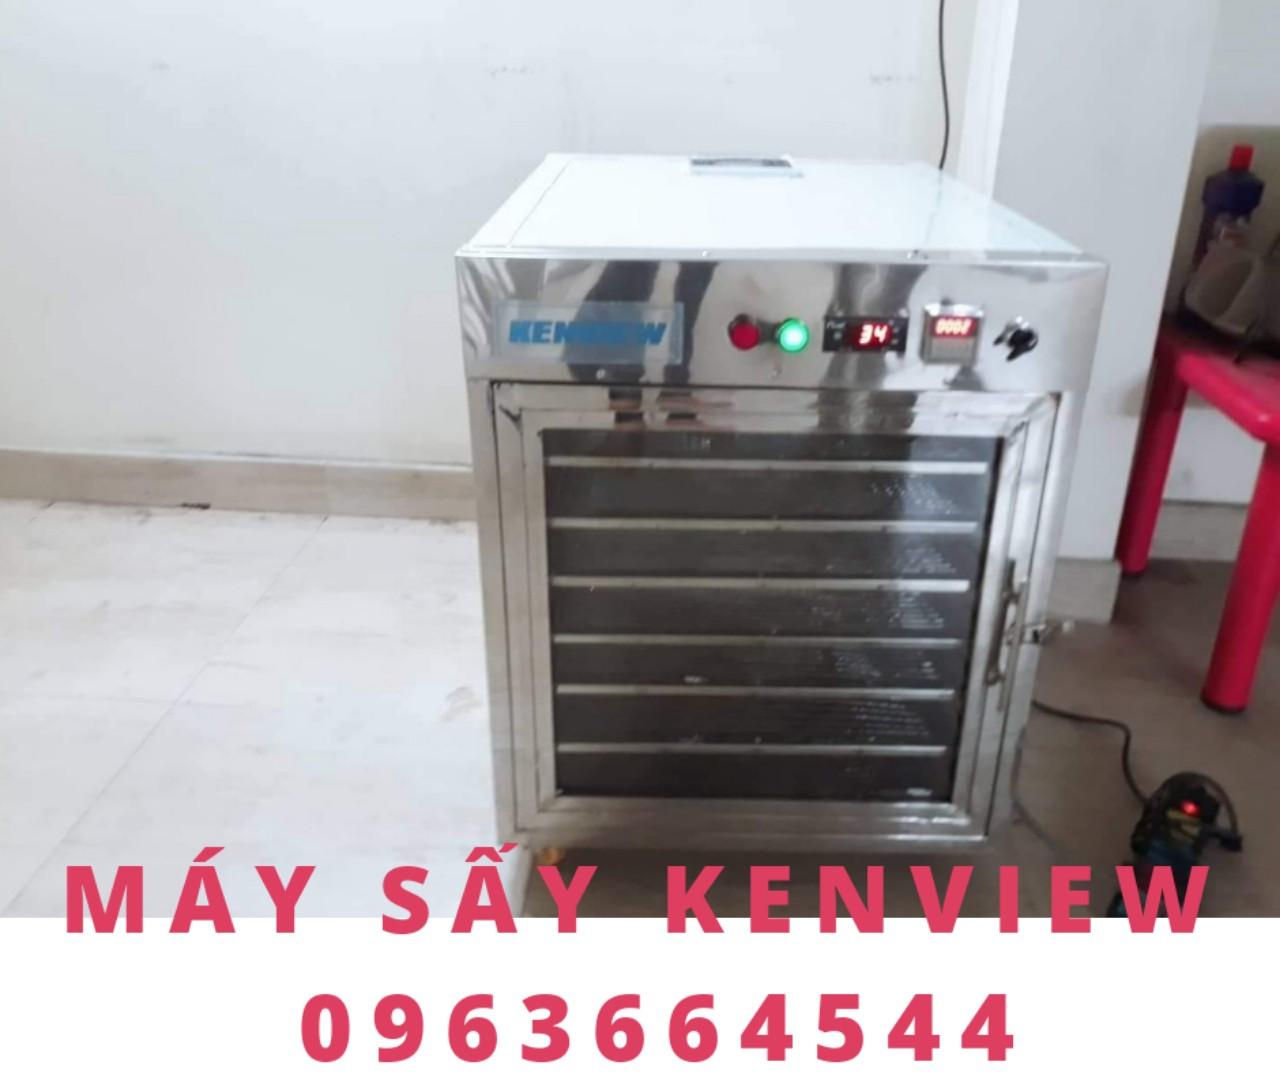 Kenview cung cấp máy sấy mứt Đồng Tháp – Máy sấy thực phẩm đa năng